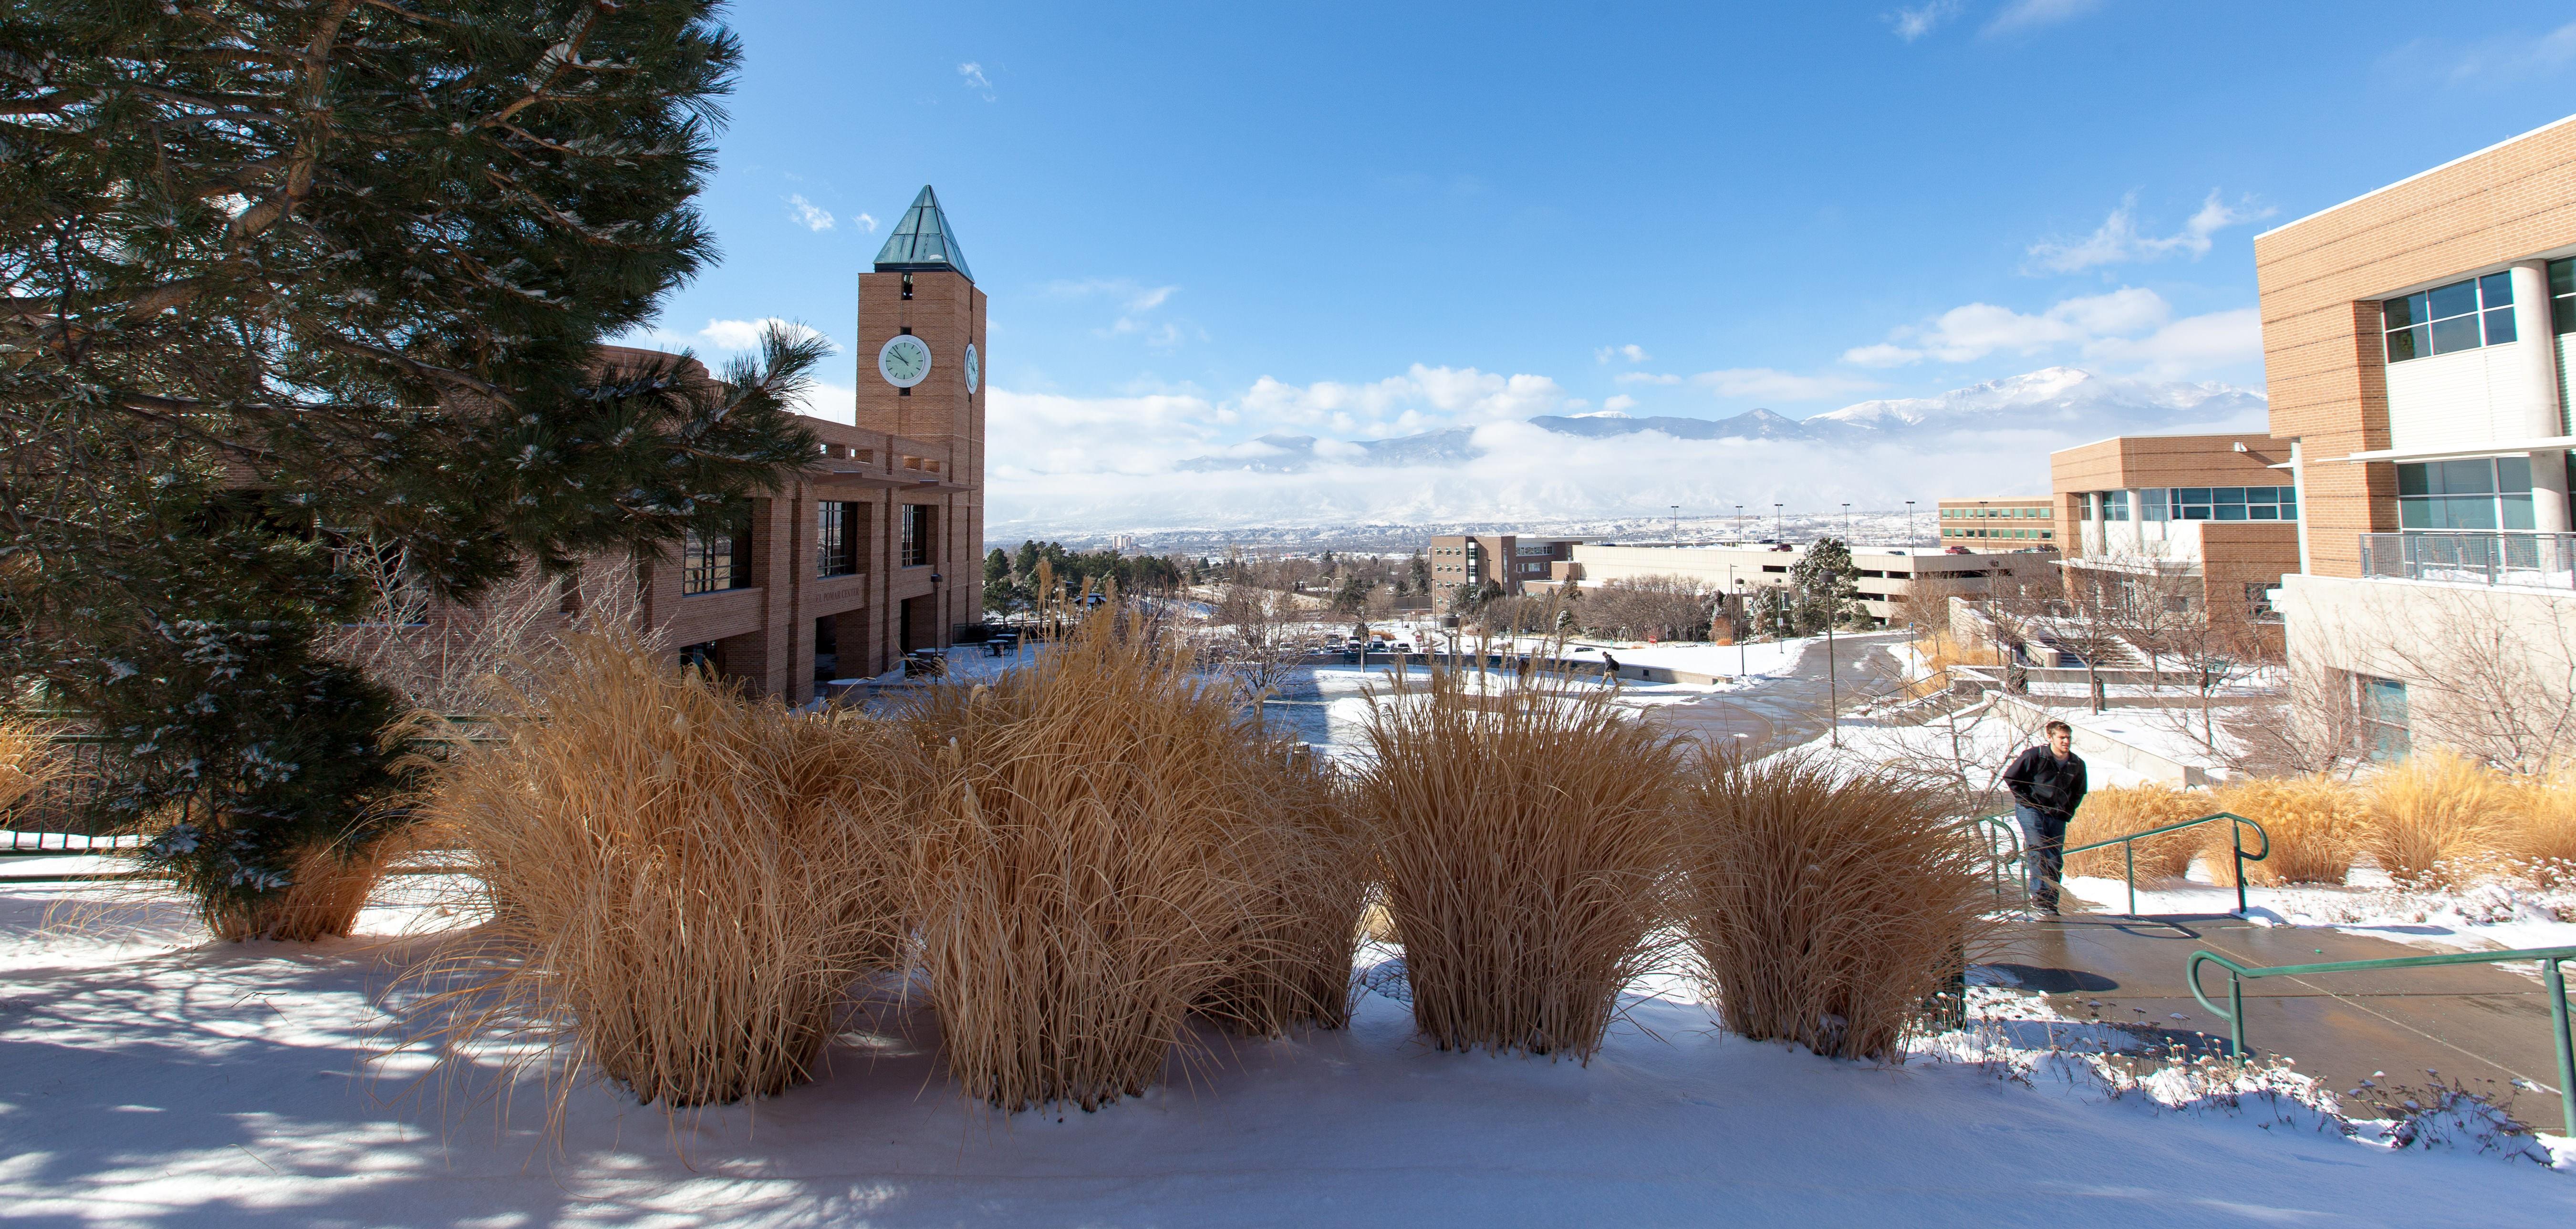 services de rencontres Colorado Springs mumsnet datant 66